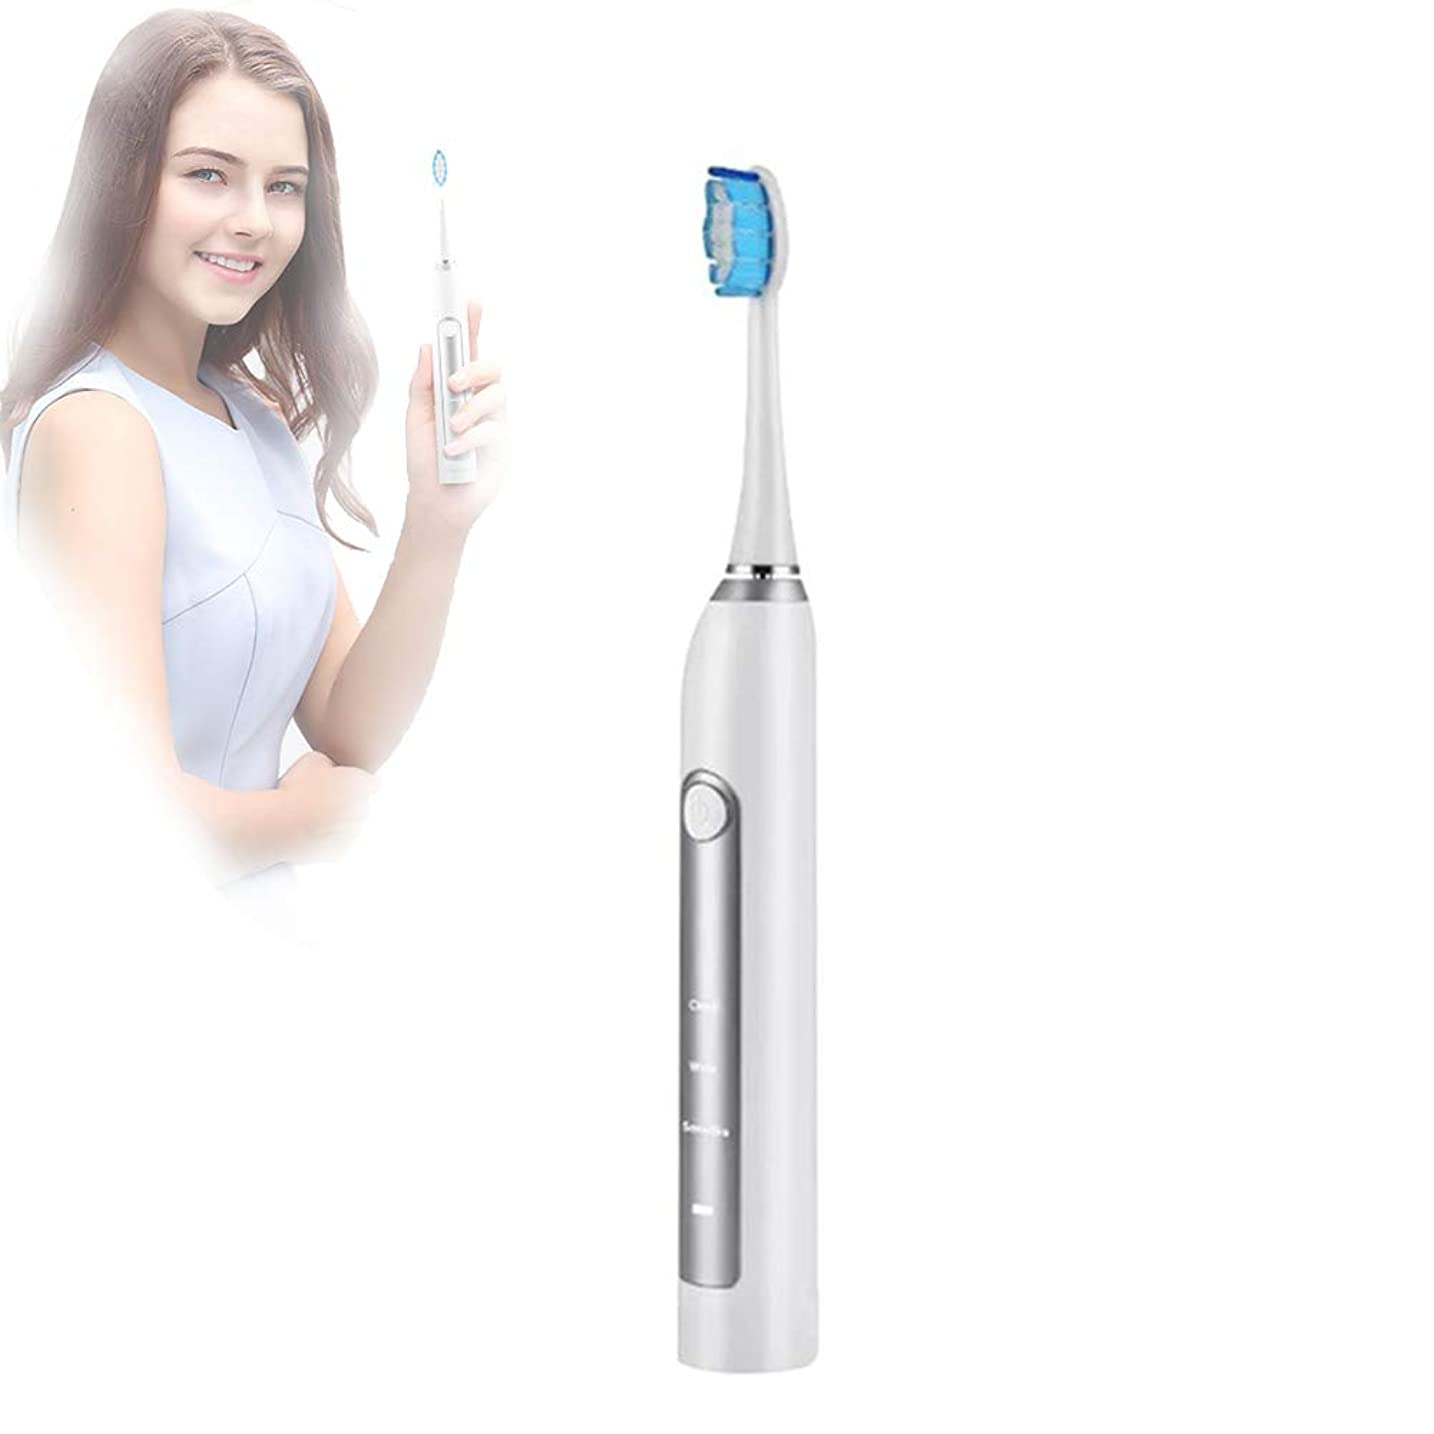 遠え役立つ閃光超音波電動歯ブラシ、インテリジェントタイミング、3次元洗浄、パーソナライズド、シンプル、高周波洗浄